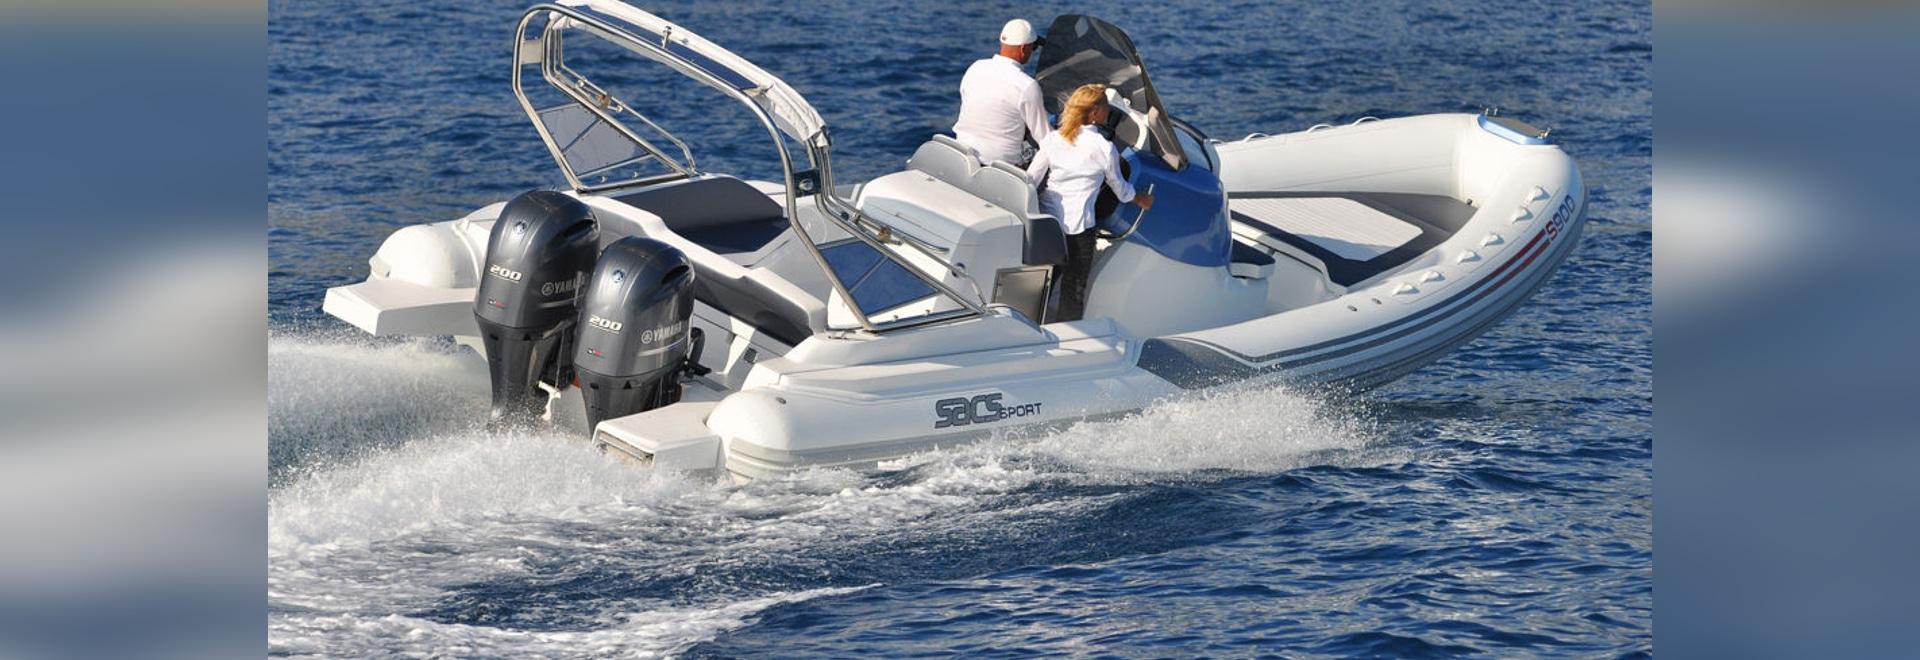 NOUVEAU : bateau gonflable de console centrale par Sacs